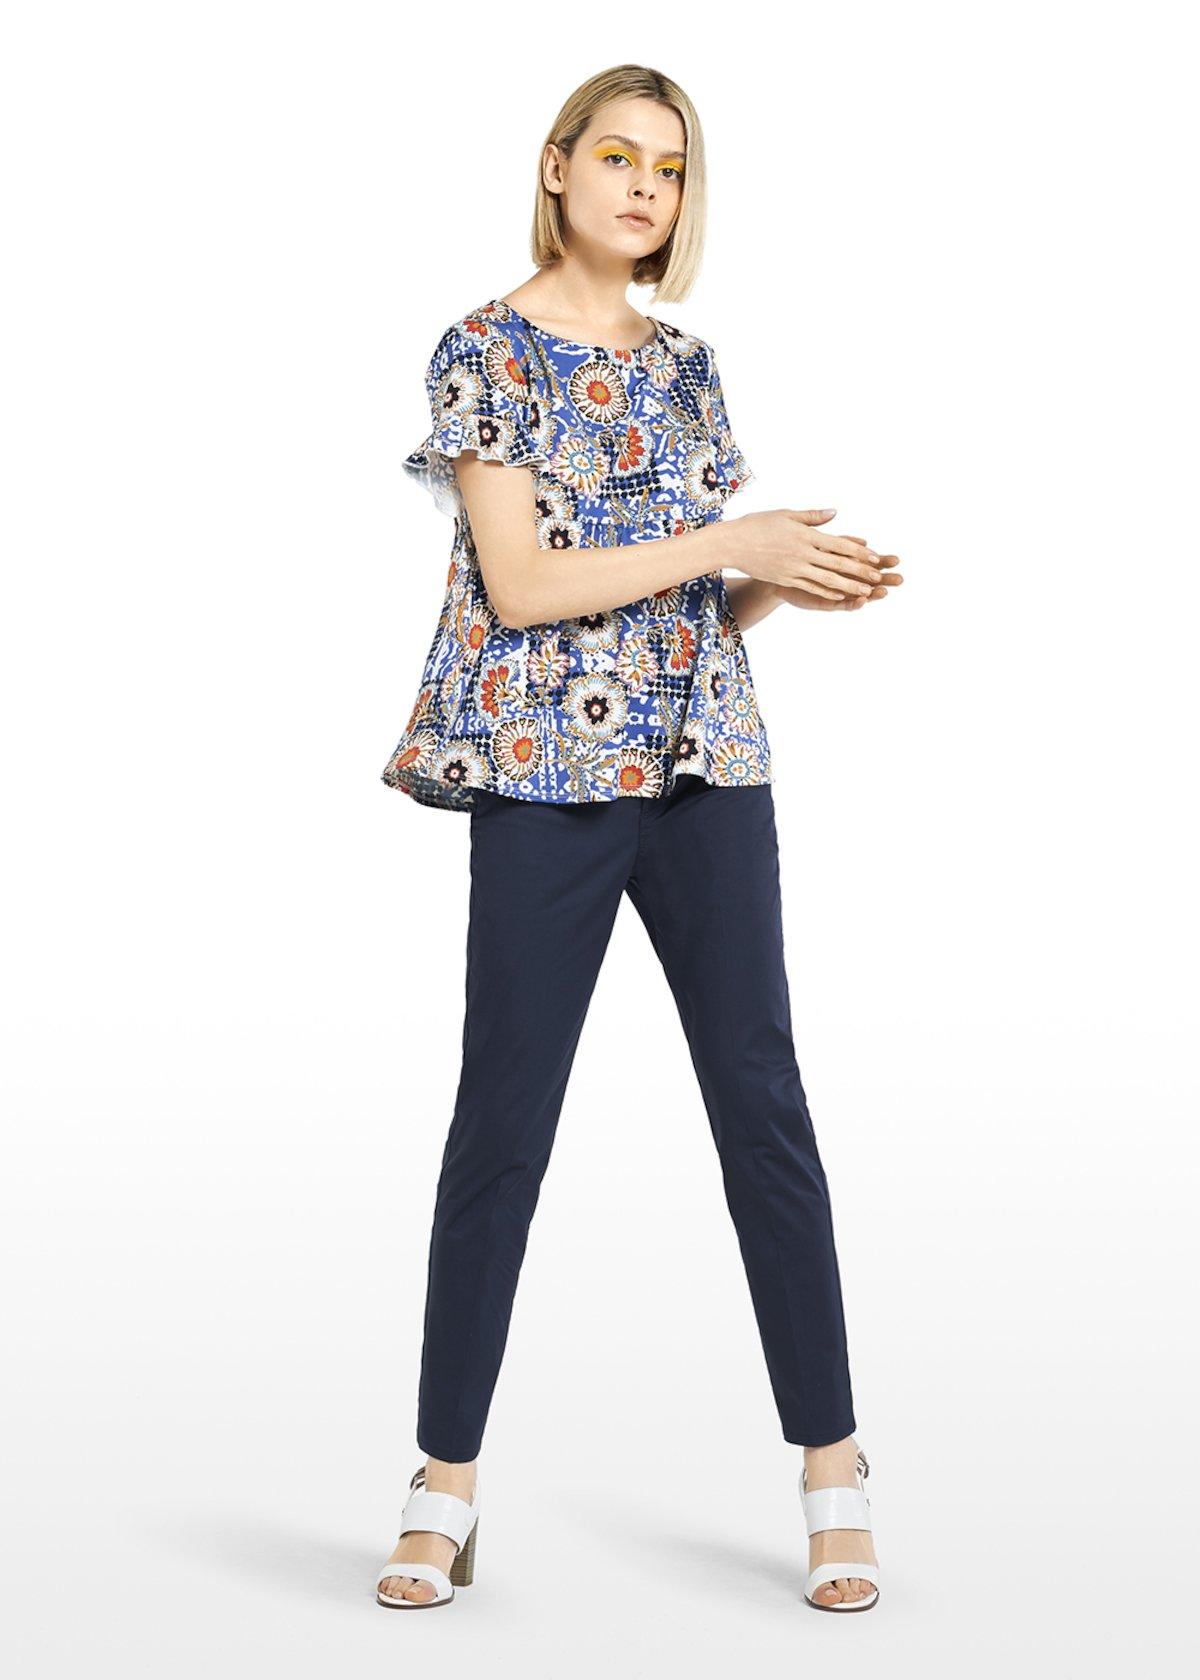 T-shirt Susi con stampa maioliche e rouches - Avion / White Fantasia - Donna - Immagine categoria